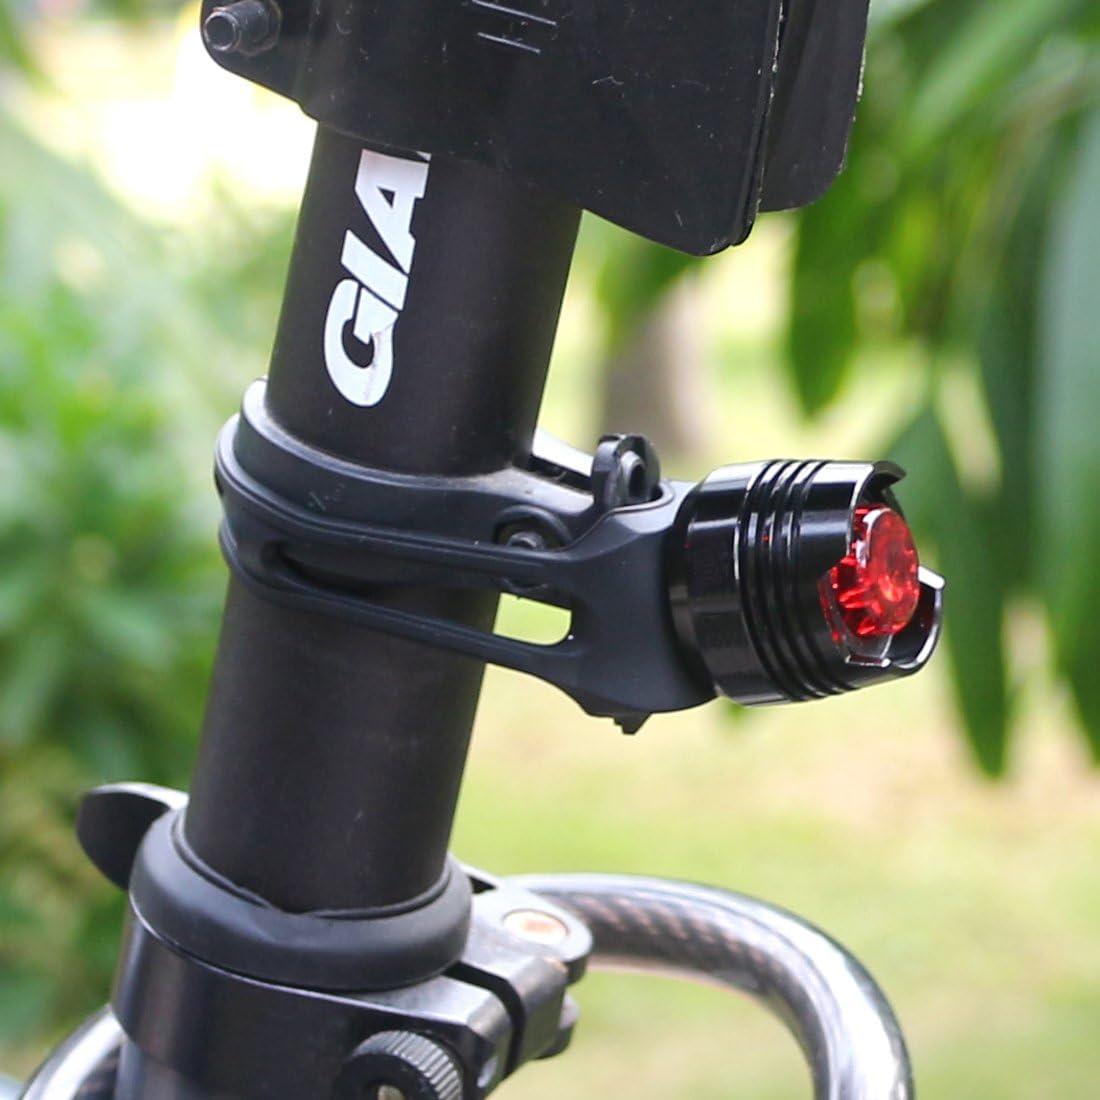 Alumbrado frontal para bicicleta, brillante y potente, 1200 ...